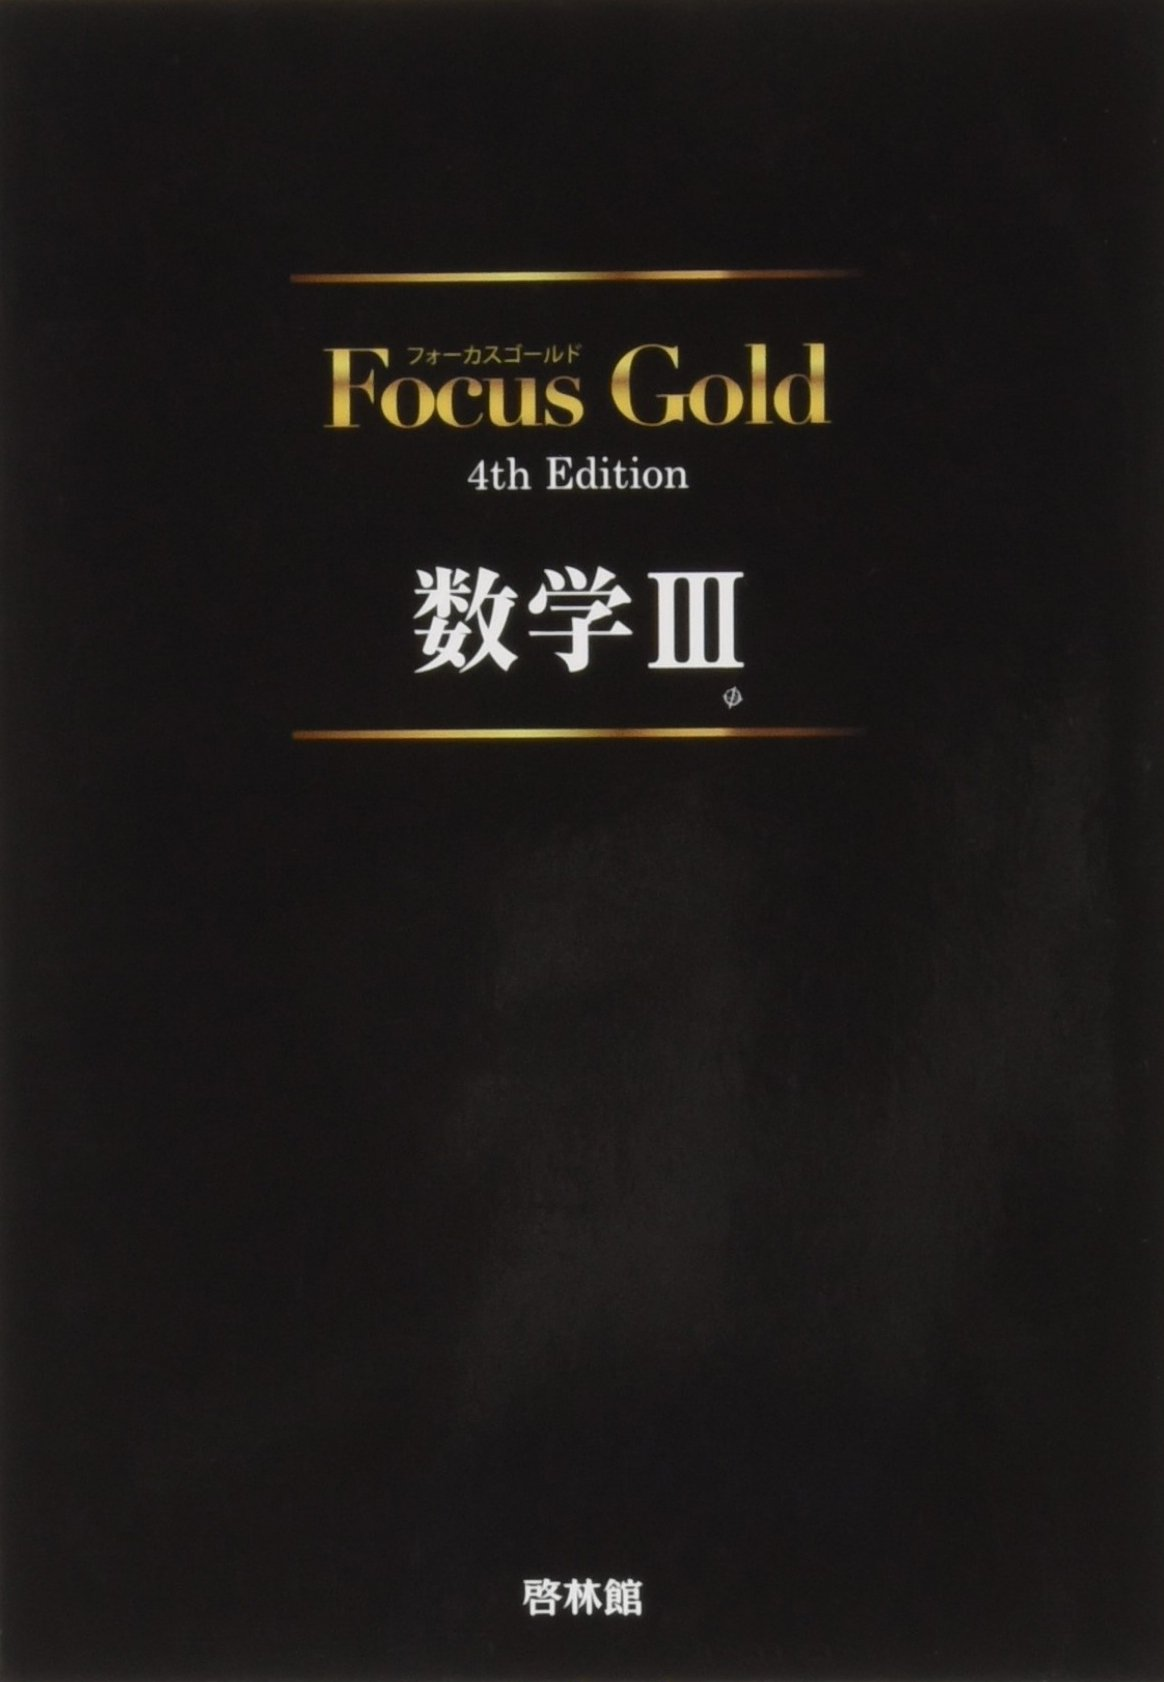 数学Ⅲのおすすめの参考書はFocus Gold 数学Ⅲ